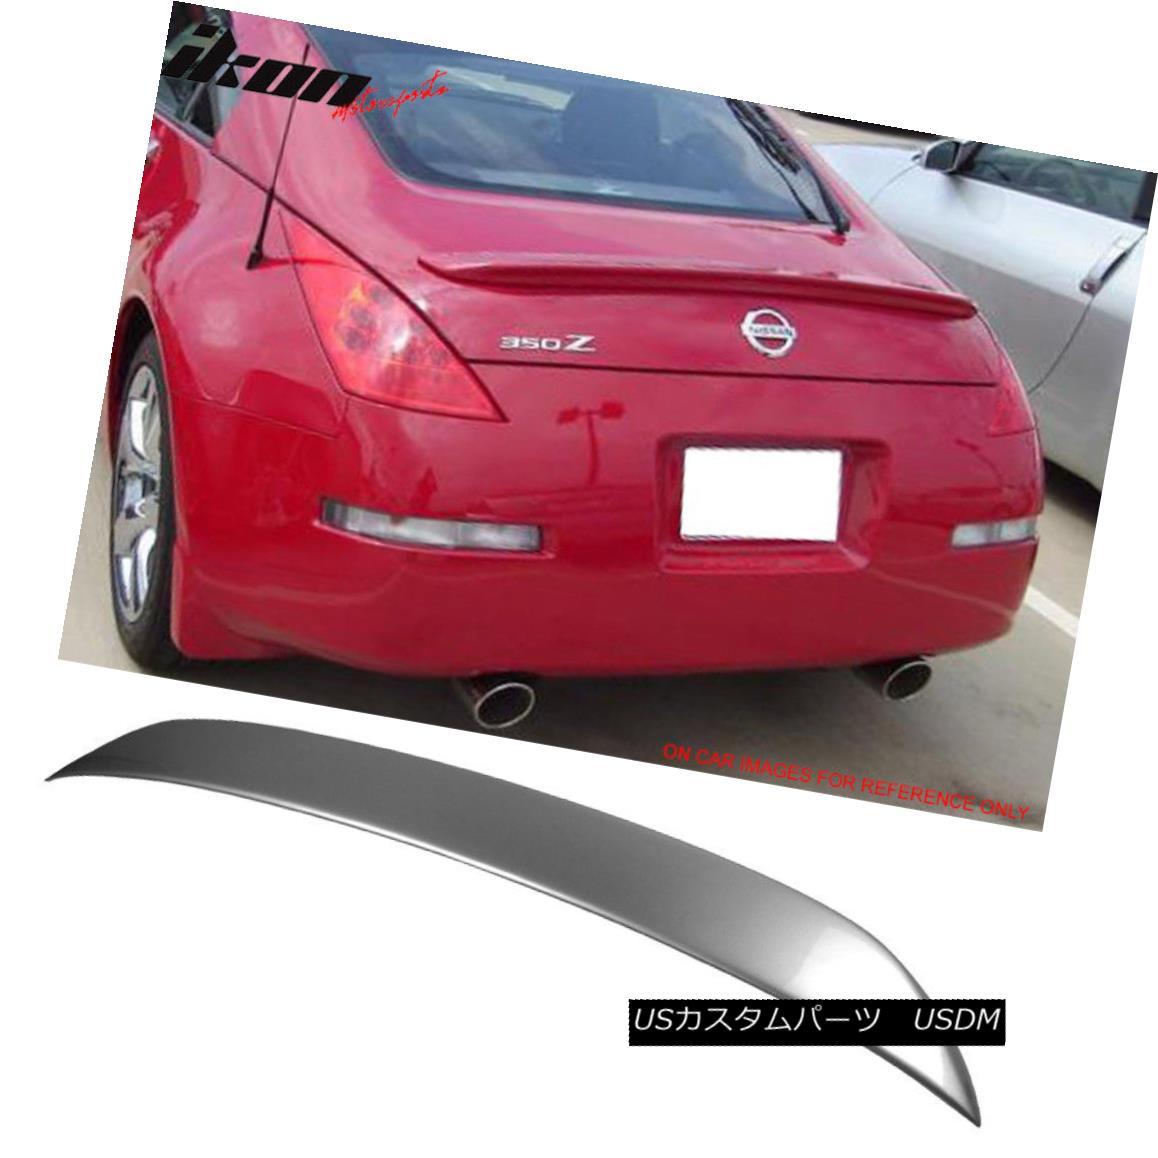 エアロパーツ Fits 03-08 Nissan 350Z OE Trunk Spoiler Painted #KY0 Chrome Silver Metallic フィット03-08日産350Z OEトランクスポイラー塗装#KY0クロームシルバーメタリック